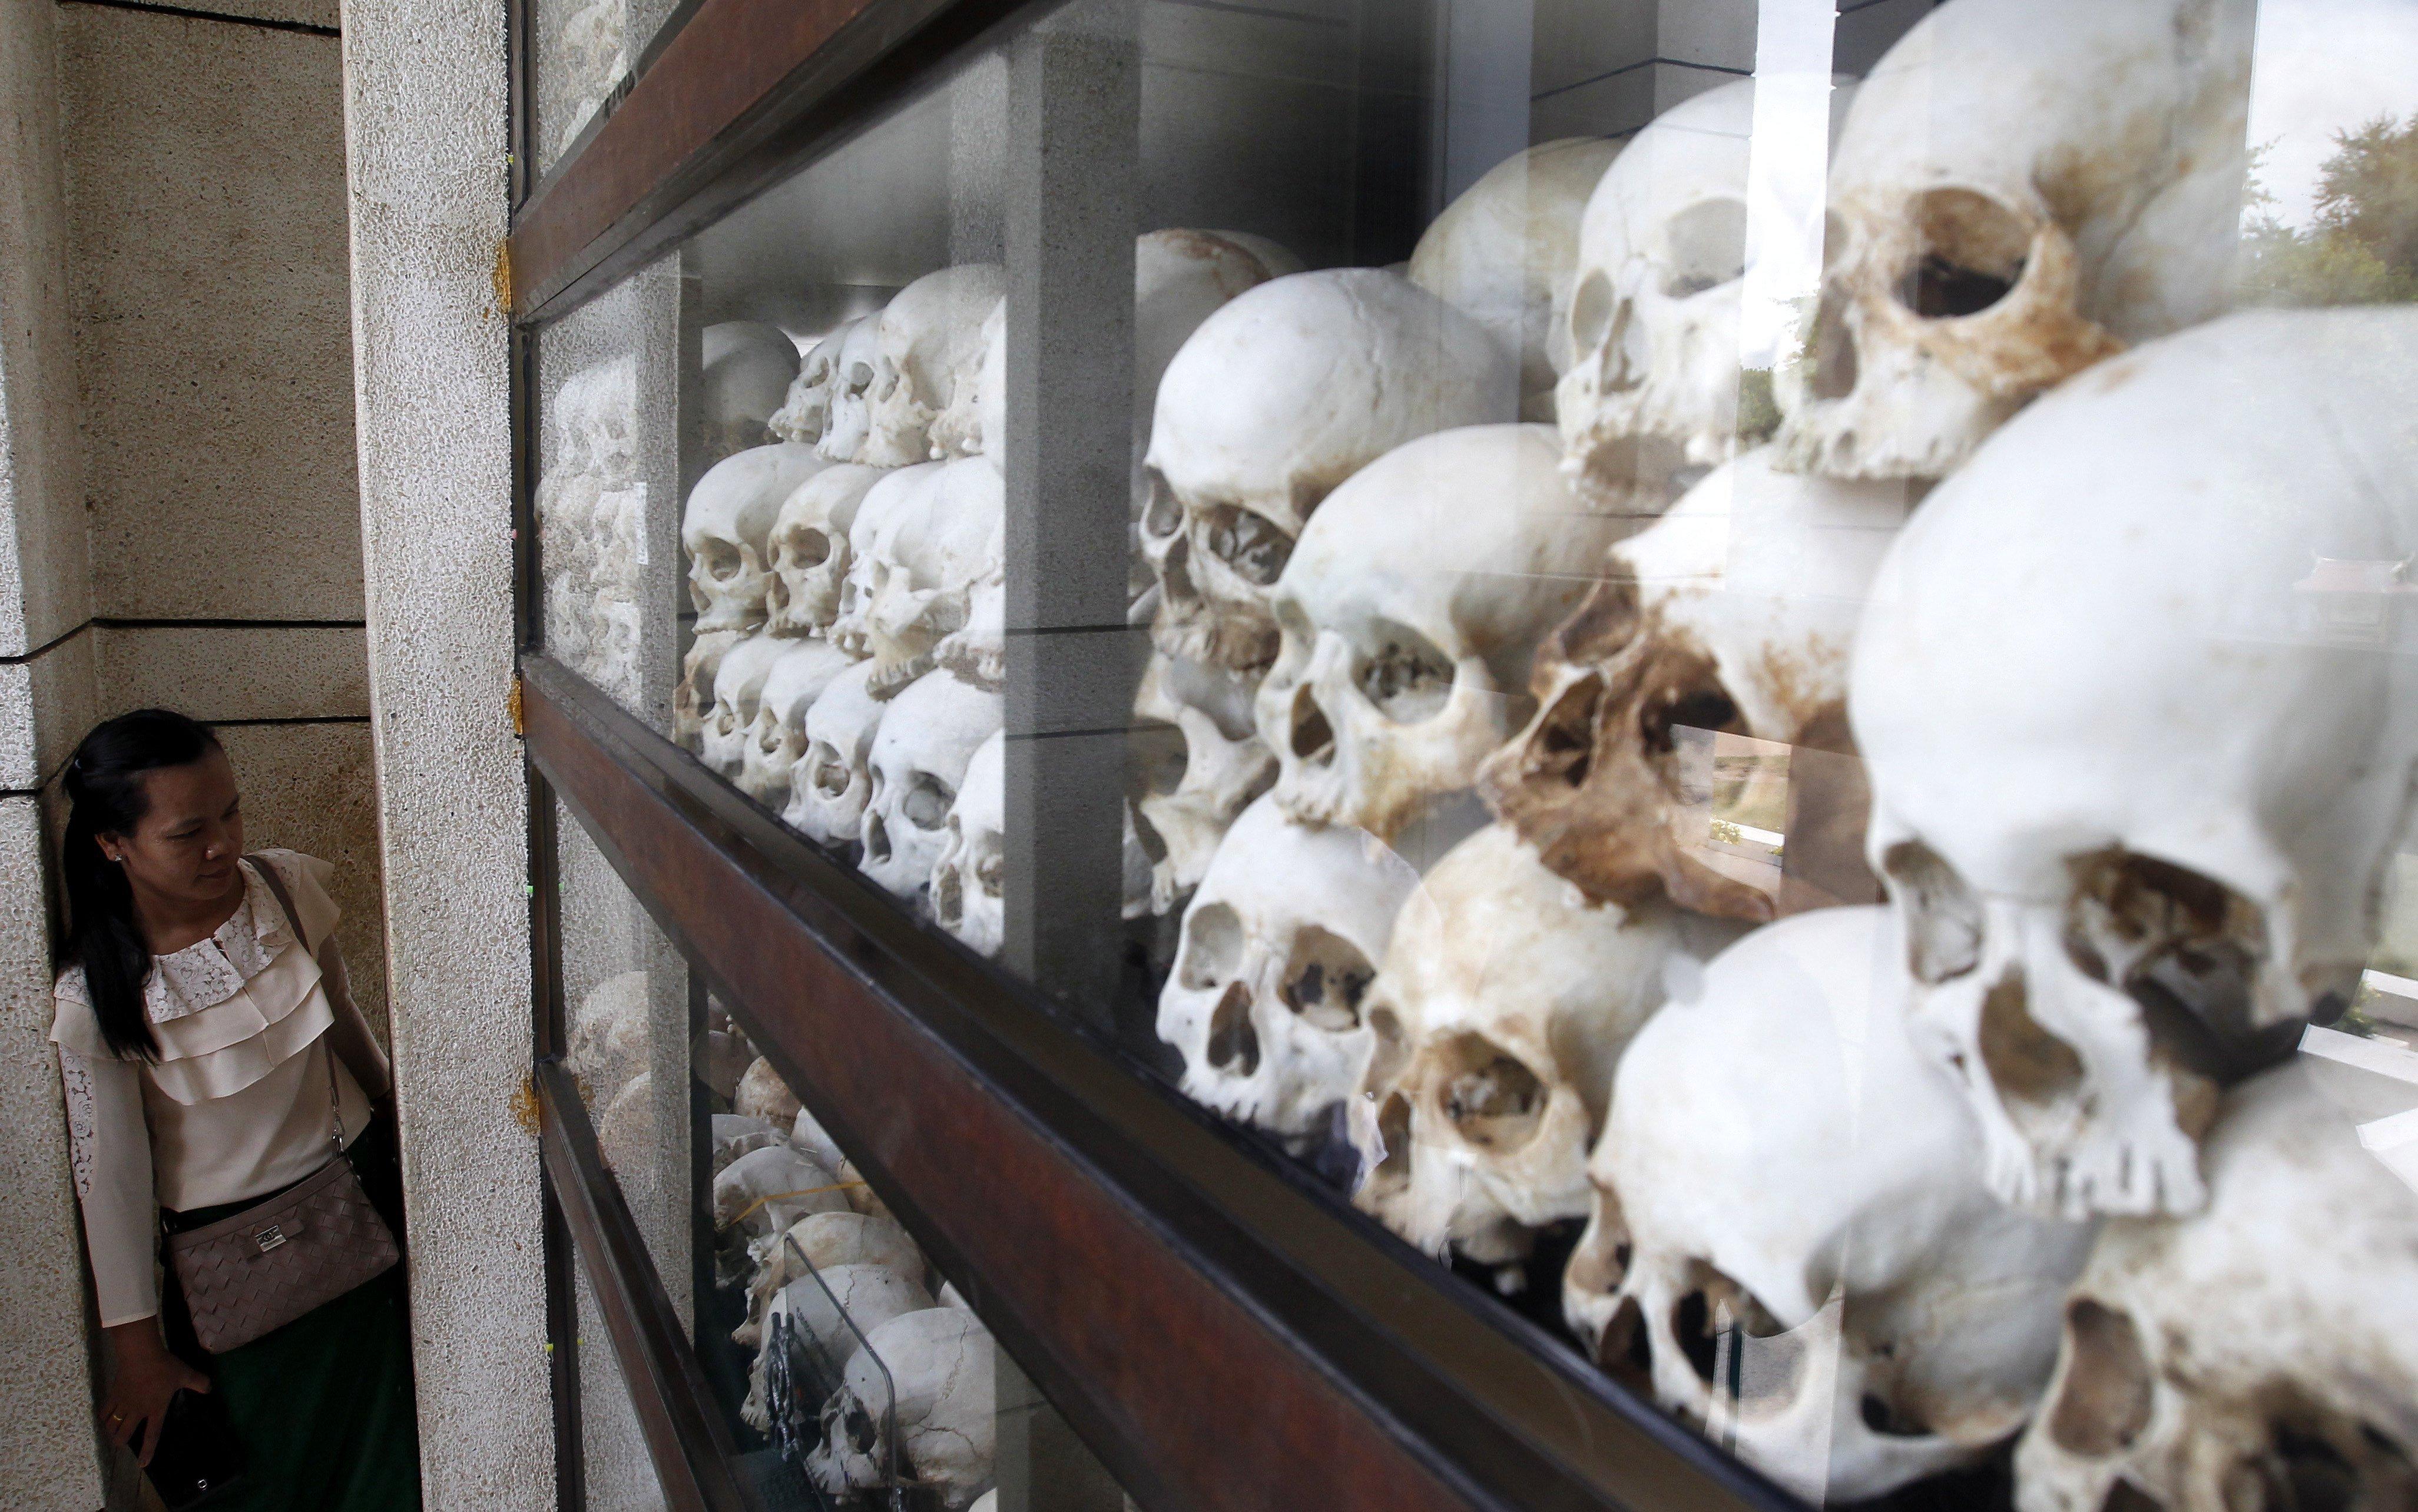 Una dona observa les restes de diverses víctimes del règim dels Khmers Rojos al Centre del Genocidi Choeung Ek, als afores de Penh, Cambodja. El tribunal internacional de Cambodja comença les vistes de la presentació de conclusions finals de la segona part del judici als líders dels Khmers Rojos./Mak Remissa